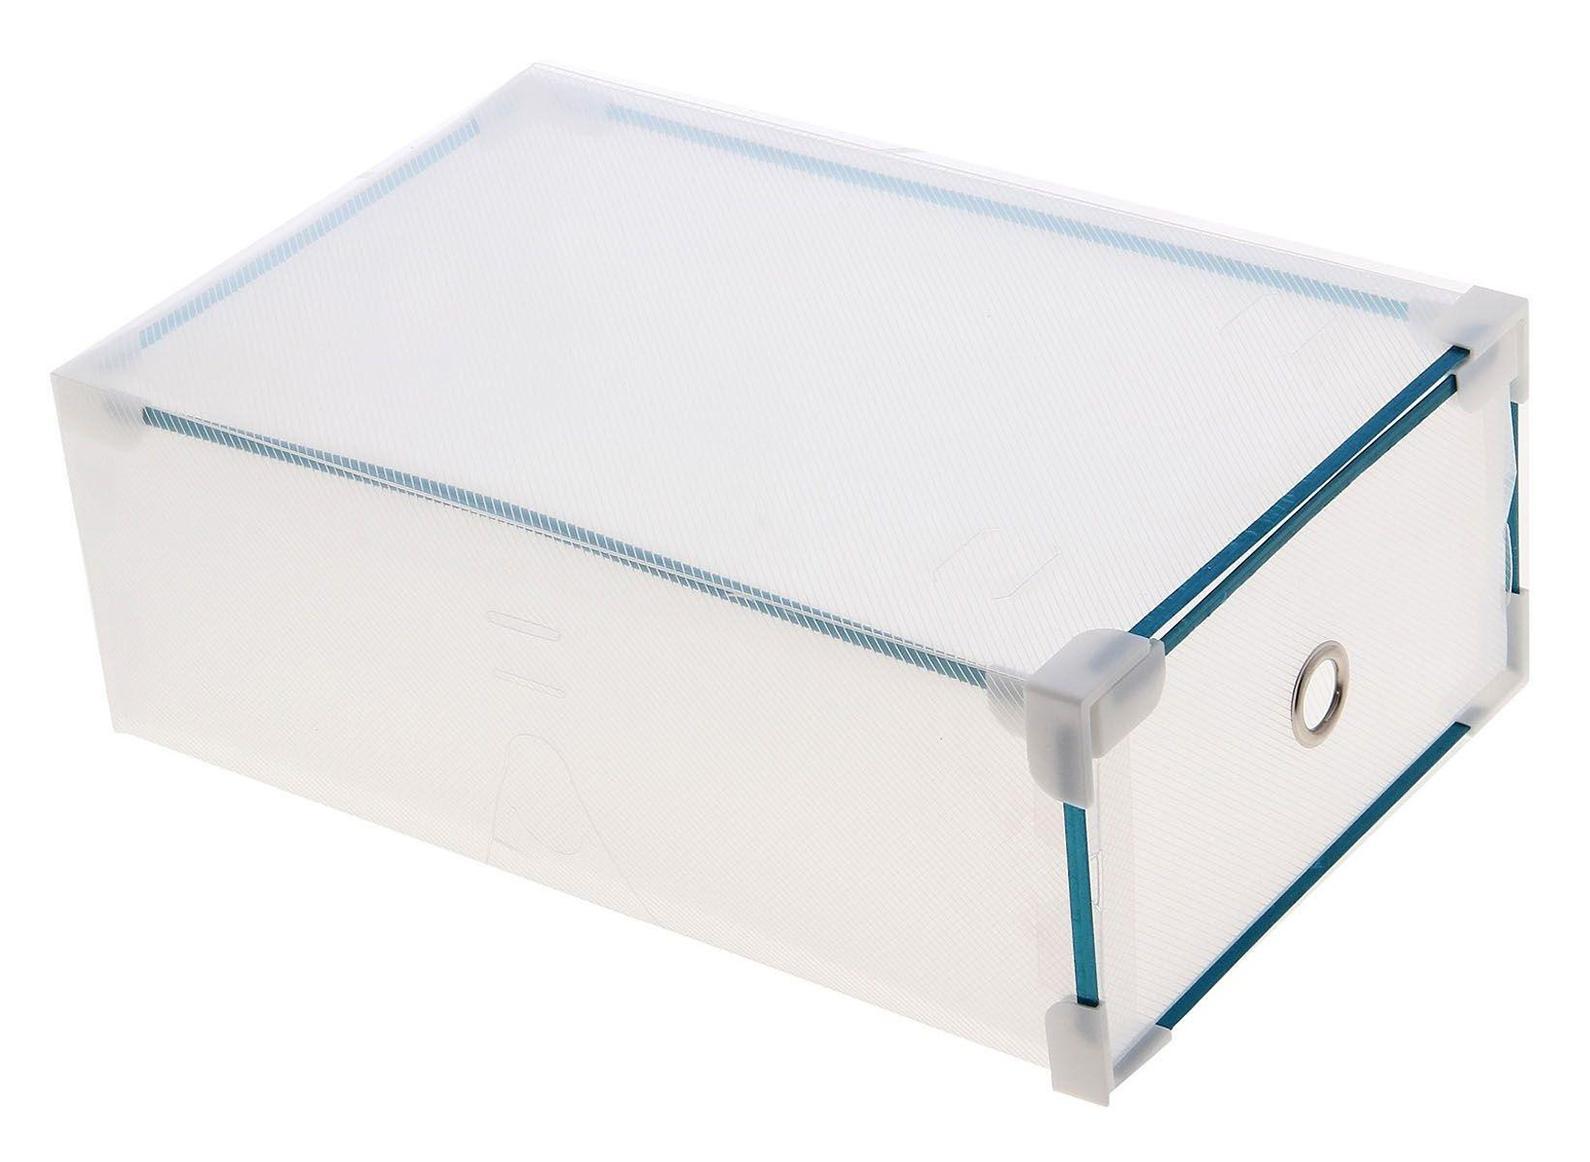 короб для хранения выдвижной 31*19,5*10,5см прозрачный 7099676907099670005Коробка для мелочей изготовлена из прочного пластика. Предназначена для хранения мелких бытовых мелочей, принадлежностей для шитья и т.д. Коробка оснащена плотно закрывающейся крышкой, которая предотвратит просыпание и потерю мелких вещиц.Коробка для мелочей сохранит ваши вещи в порядке. Материал: Пластик, металл